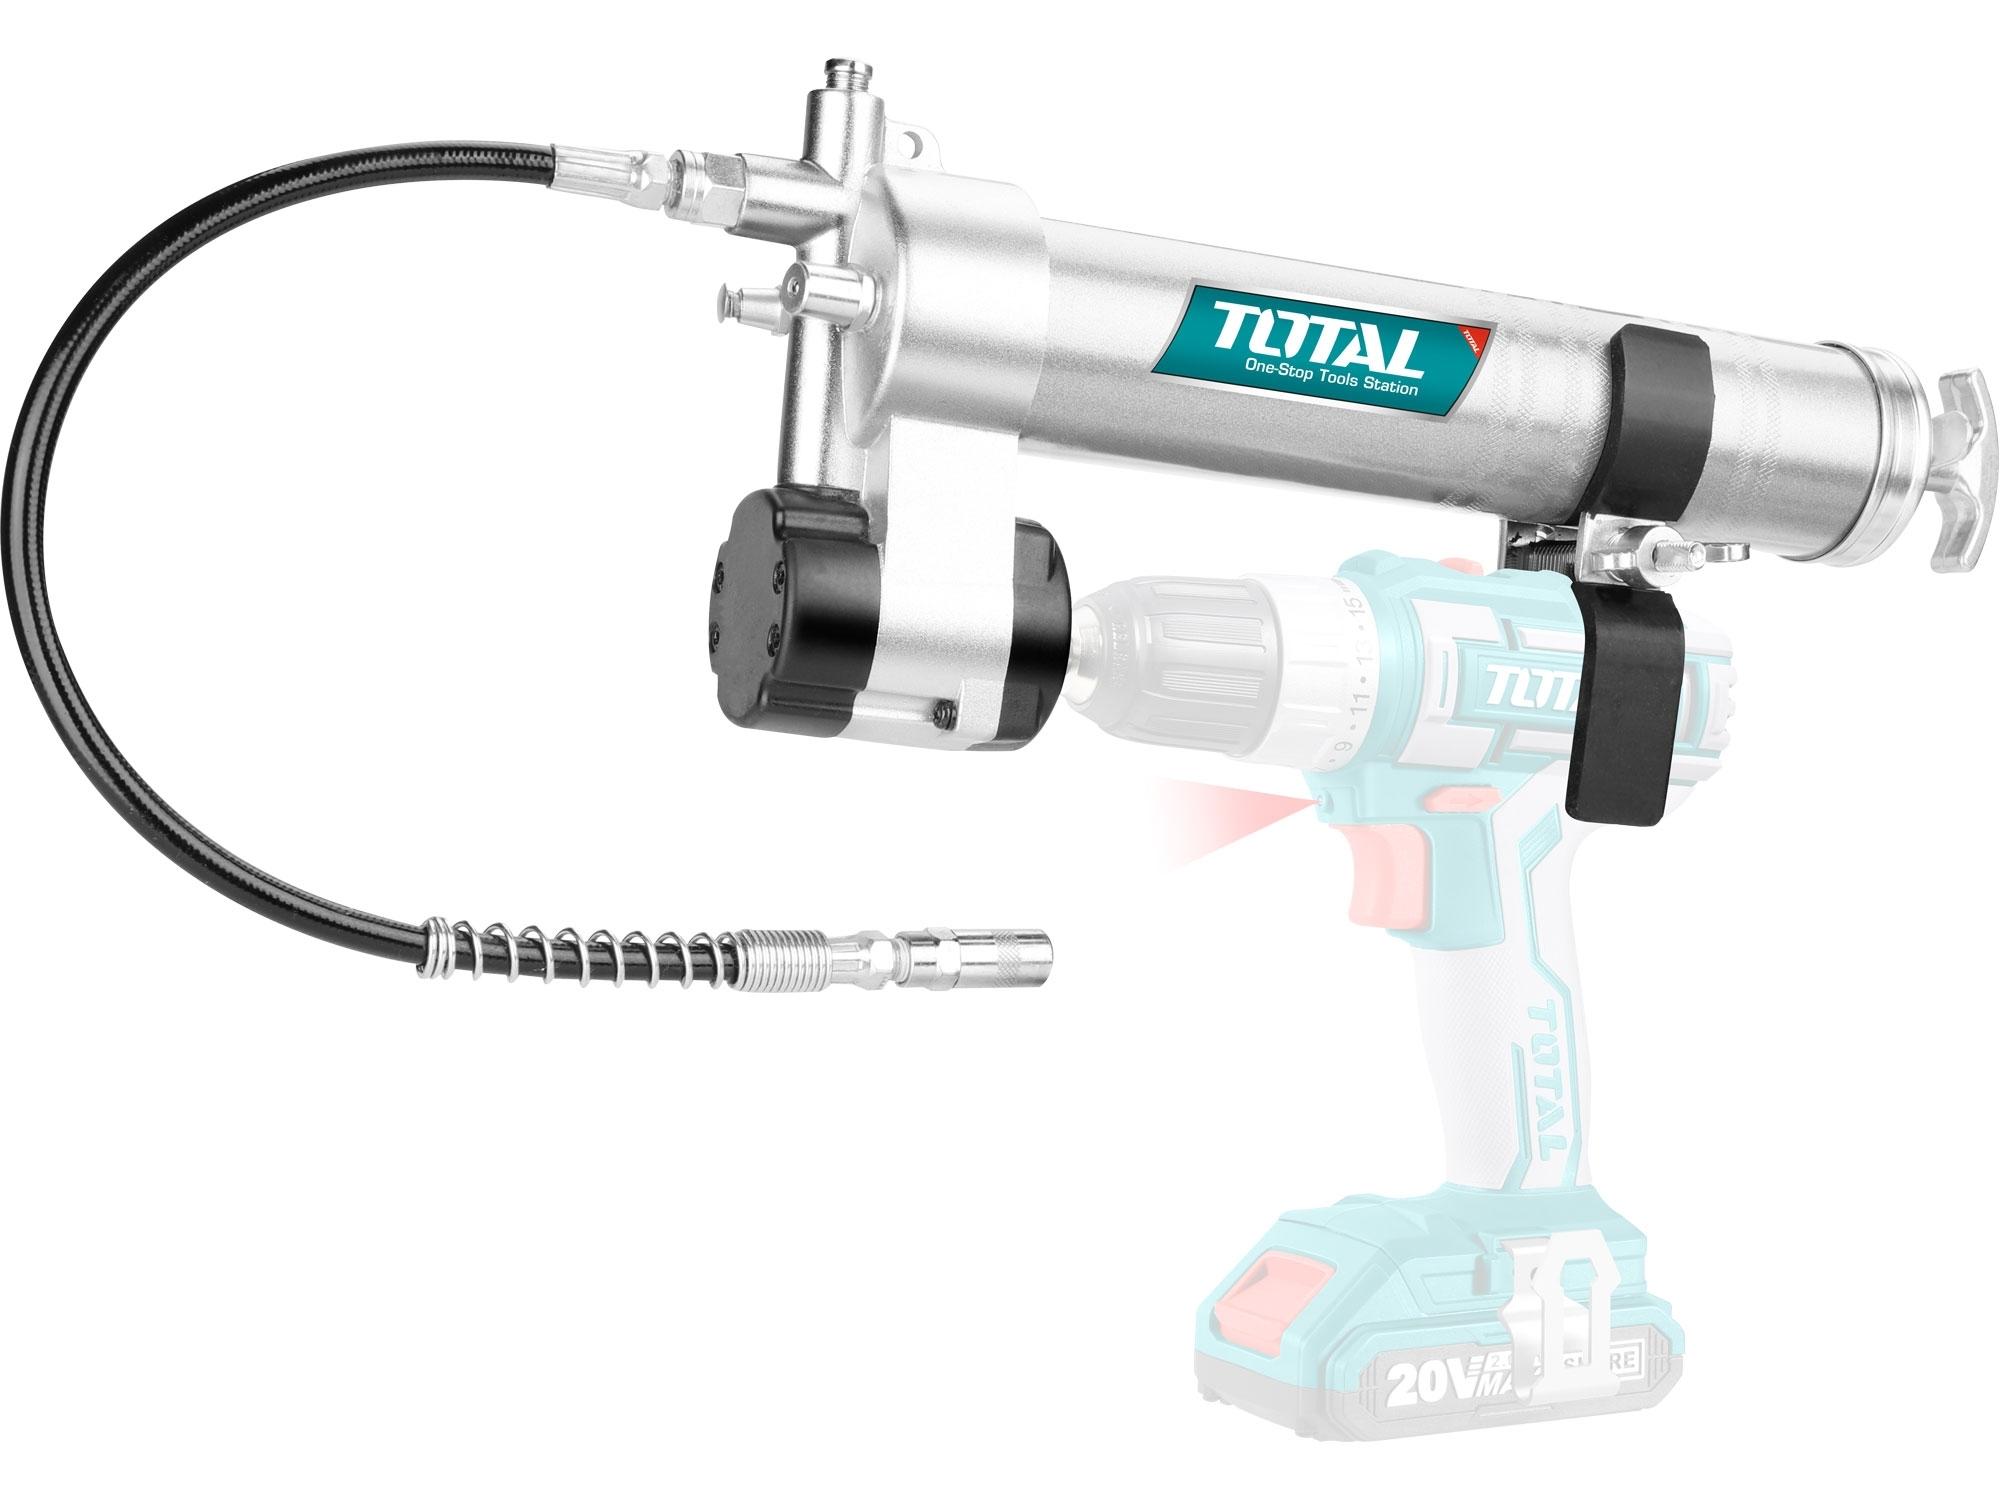 TOTAL TGULI2001 Přídavná mazací pistole, industrial, objem 400ml, doporučený pracovní tlak 4 000psi, maximální tlak 8 000psi,, Hliník